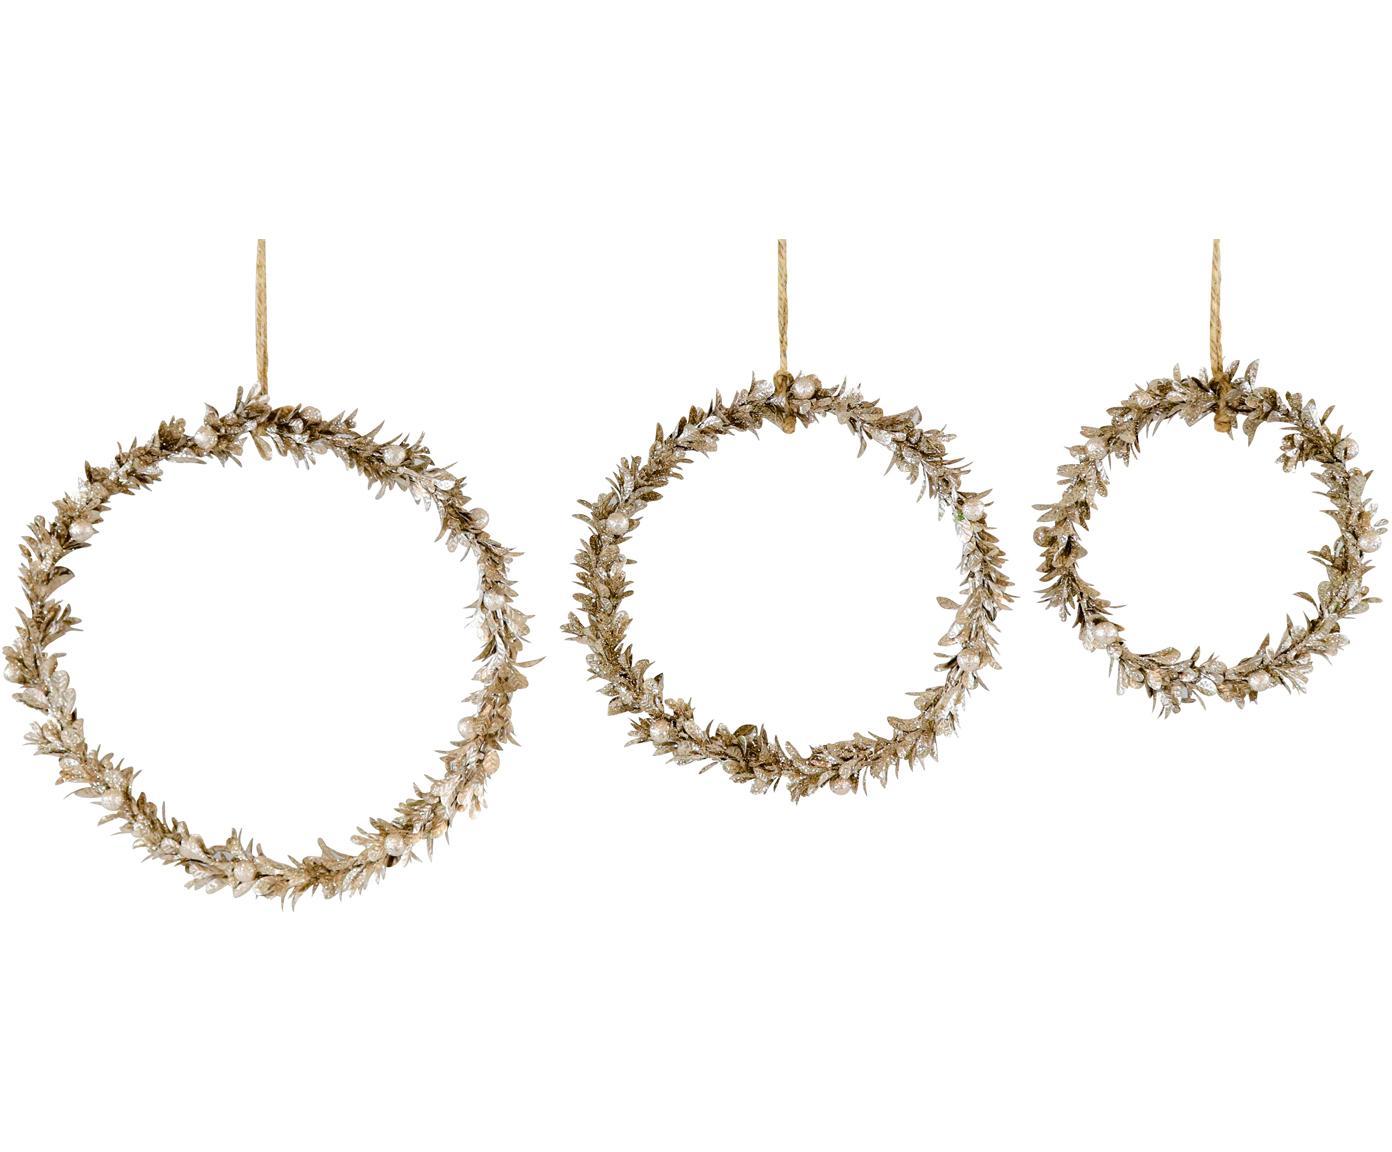 Komplet dekoracji wiszących Laurel, 3 elem., Styropian, tworzywo sztuczne, metal, drewno naturalne, Odcienie złotego, Komplet z różnymi rozmiarami